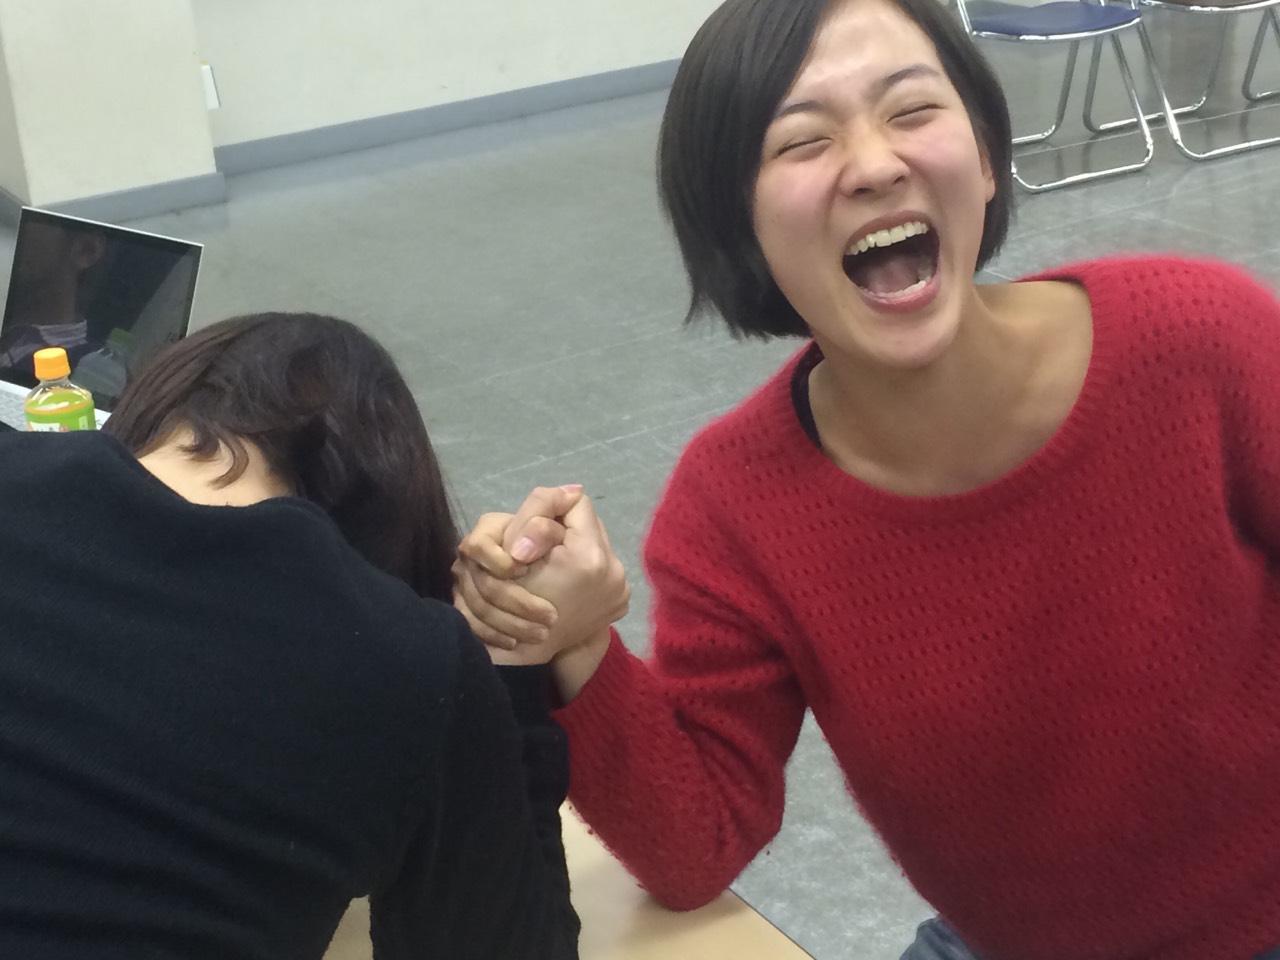 S__5292107 そうだ、弁当後に腹ごなしの腕相撲大会も開催。 亜希子ちゃん、篠原さん、井ノ